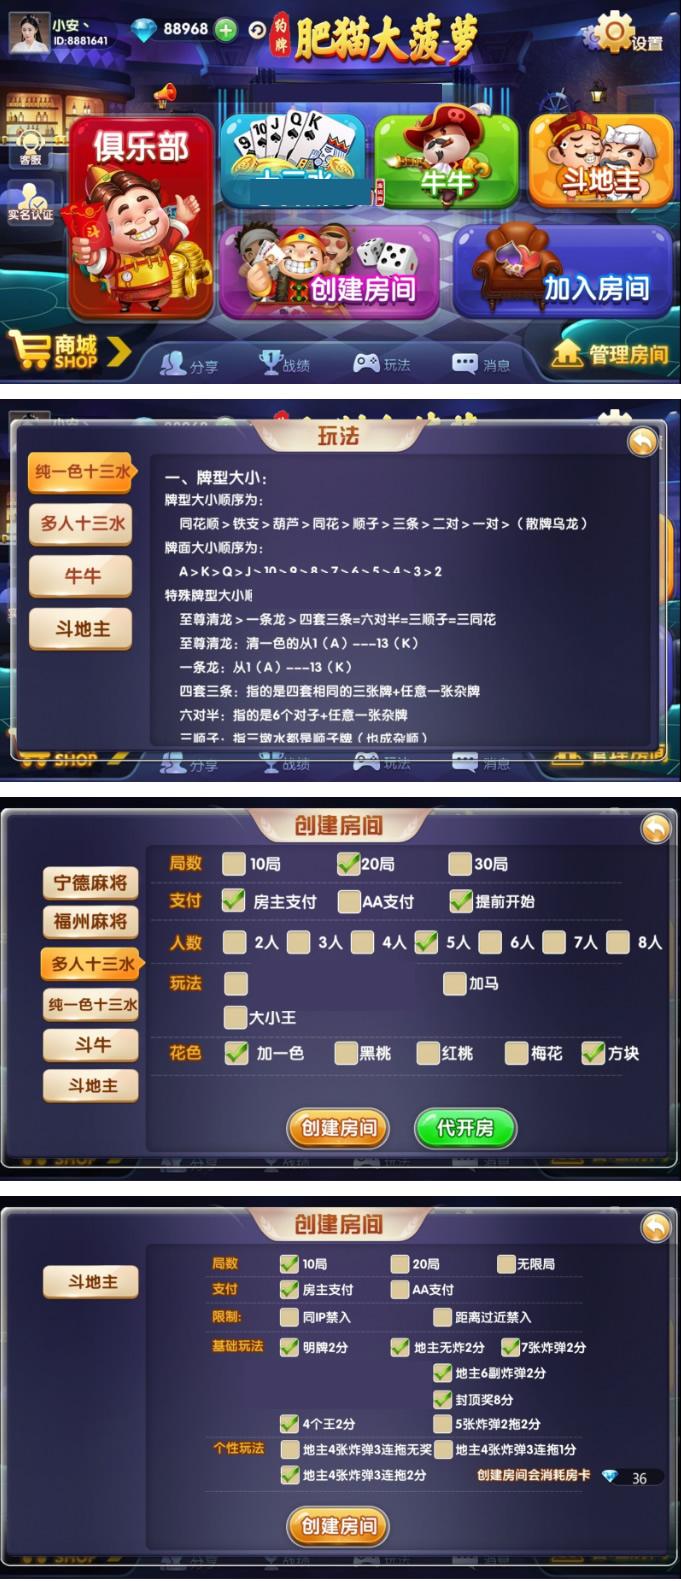 肥猫大菠萝福禄寿完整版棋牌组件 全套数据+房卡合集版本+可运营版本-第3张